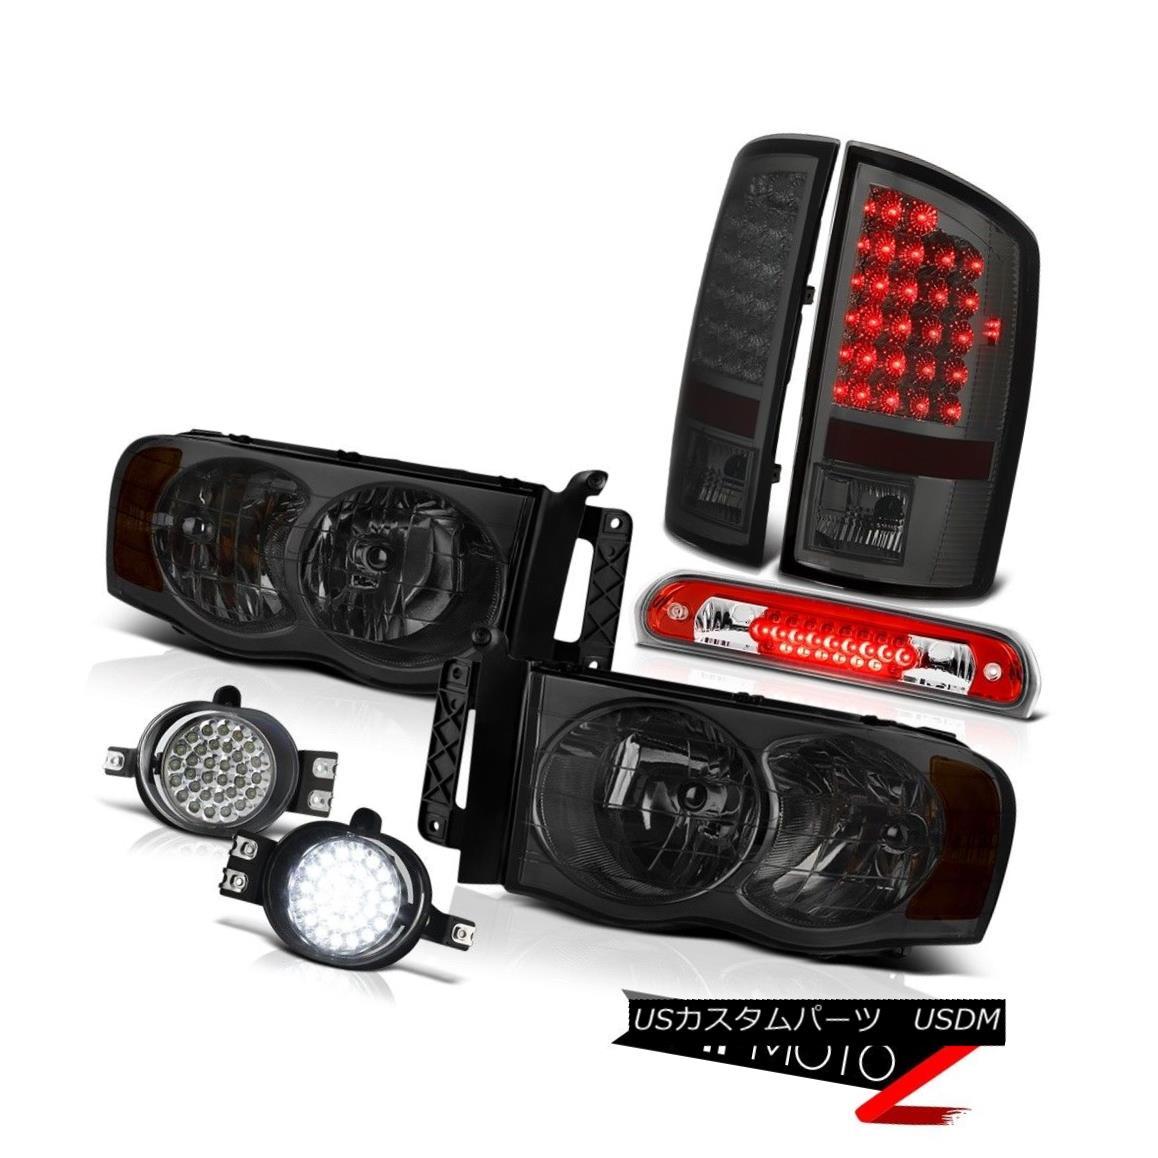 テールライト 2002-2005 Ram V8 PAIR Smoke Headlights Tail Lights LED DRL Fog Kit 3rd Brake Red 2002-2005 Ram V8 PAIRスモークヘッドライトテールライトLED DRLフォグキット第3ブレーキレッド